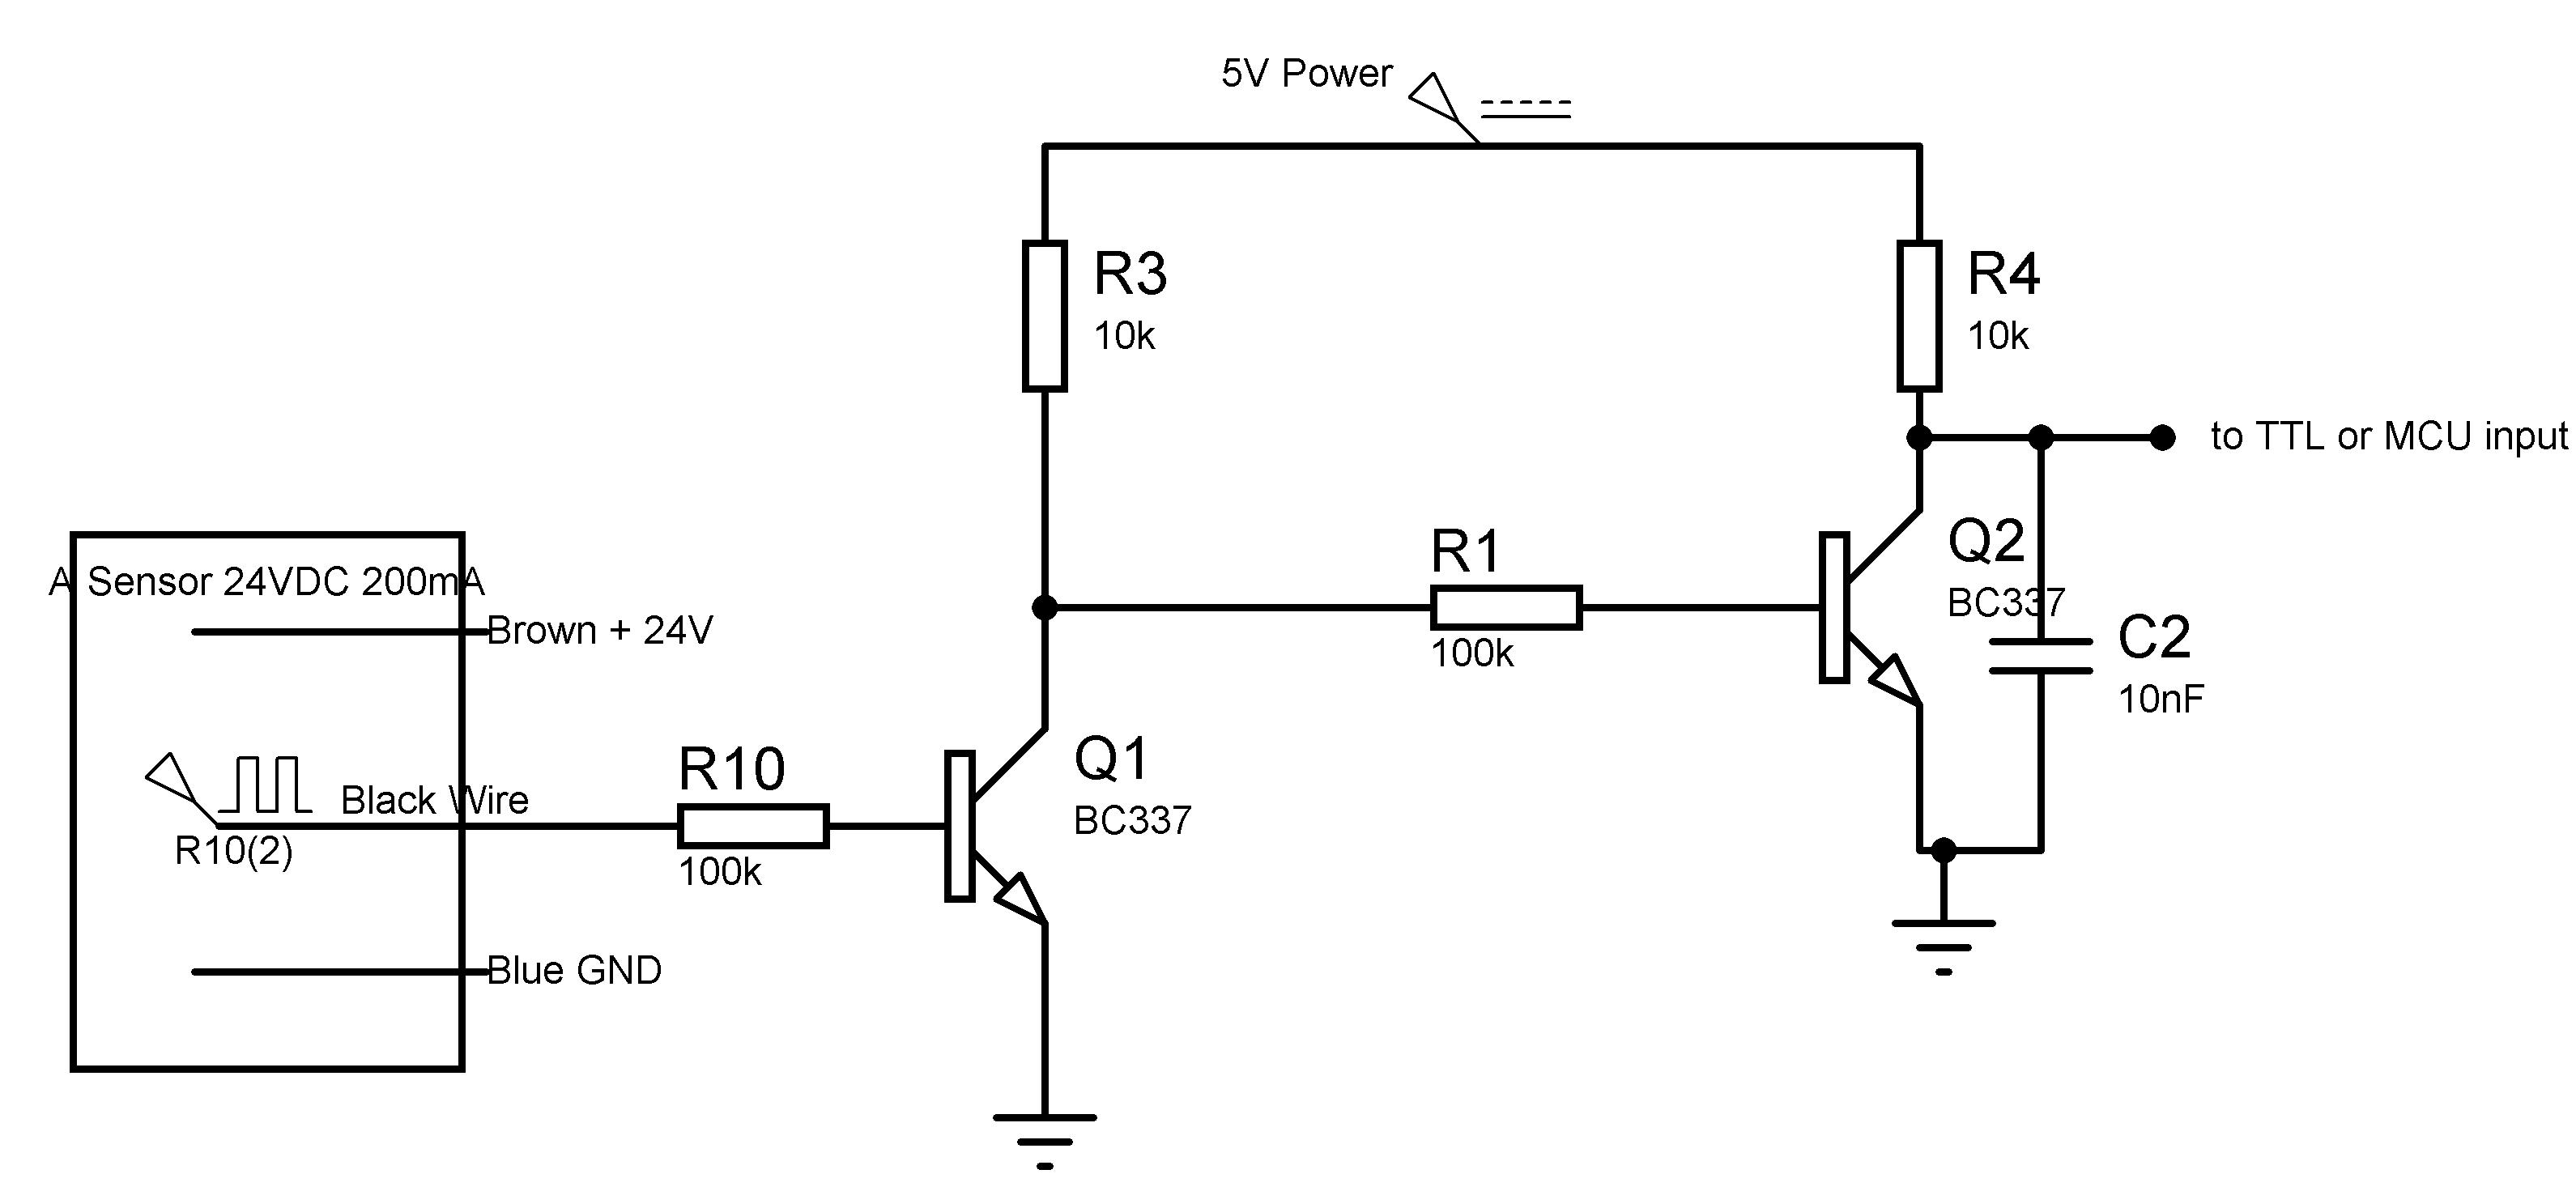 transistor wiring diagram elitech stc 1000 npn aeq schullieder de rh 32 malibustixx